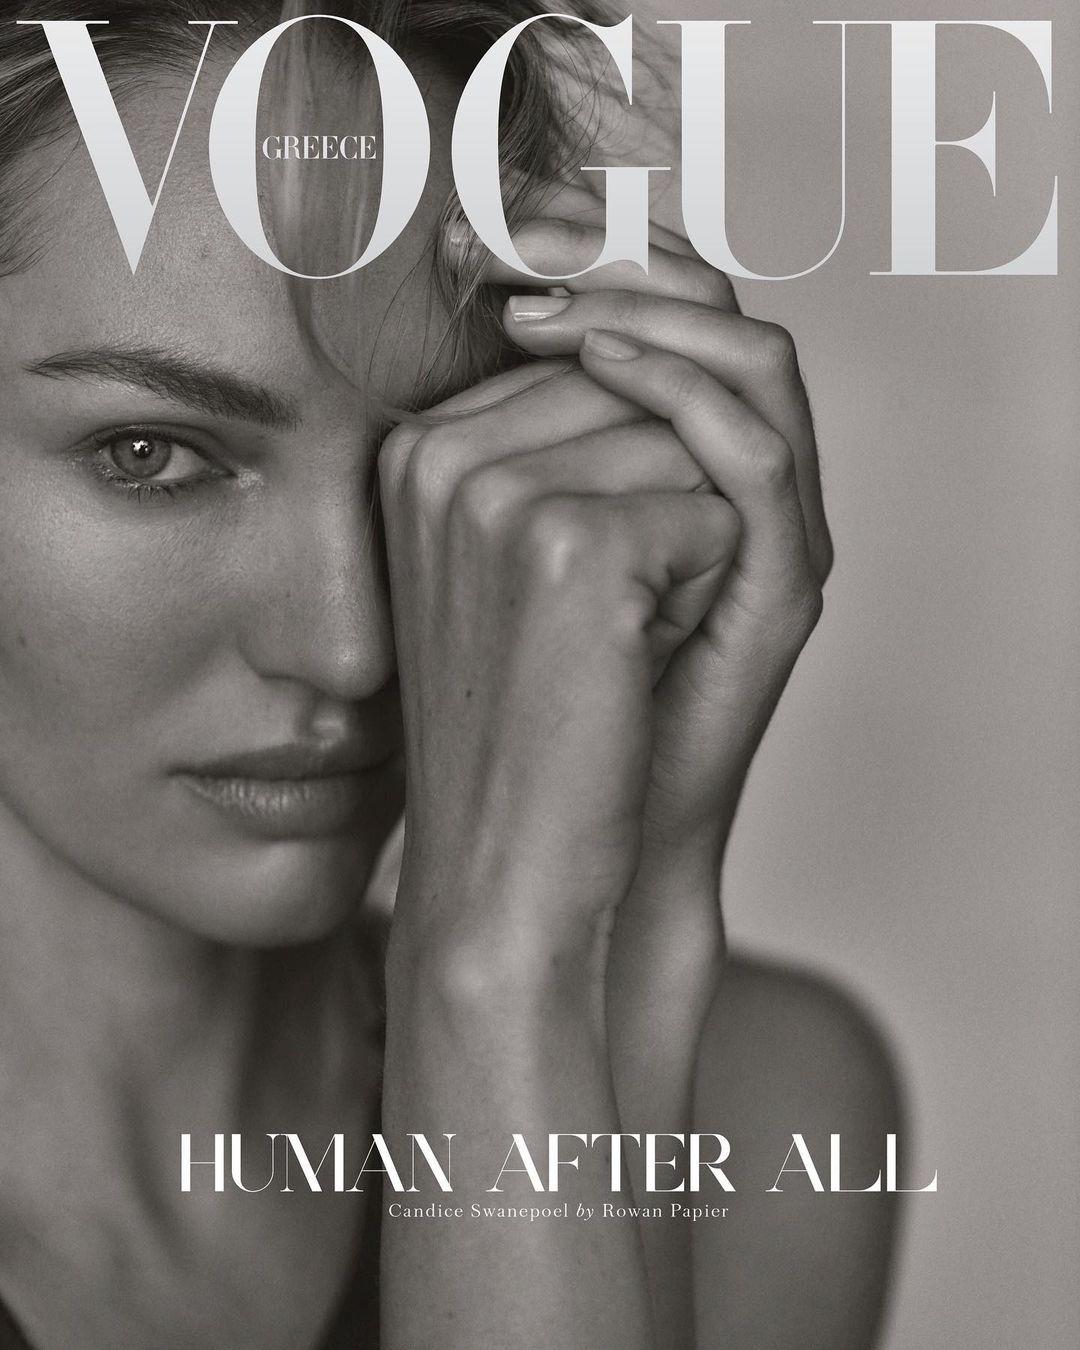 Чувственность и натуральность: Ирина Шейк, Кэндис Свейнпол и Джоан Смоллс на обложке Vogue Greece - фото №4